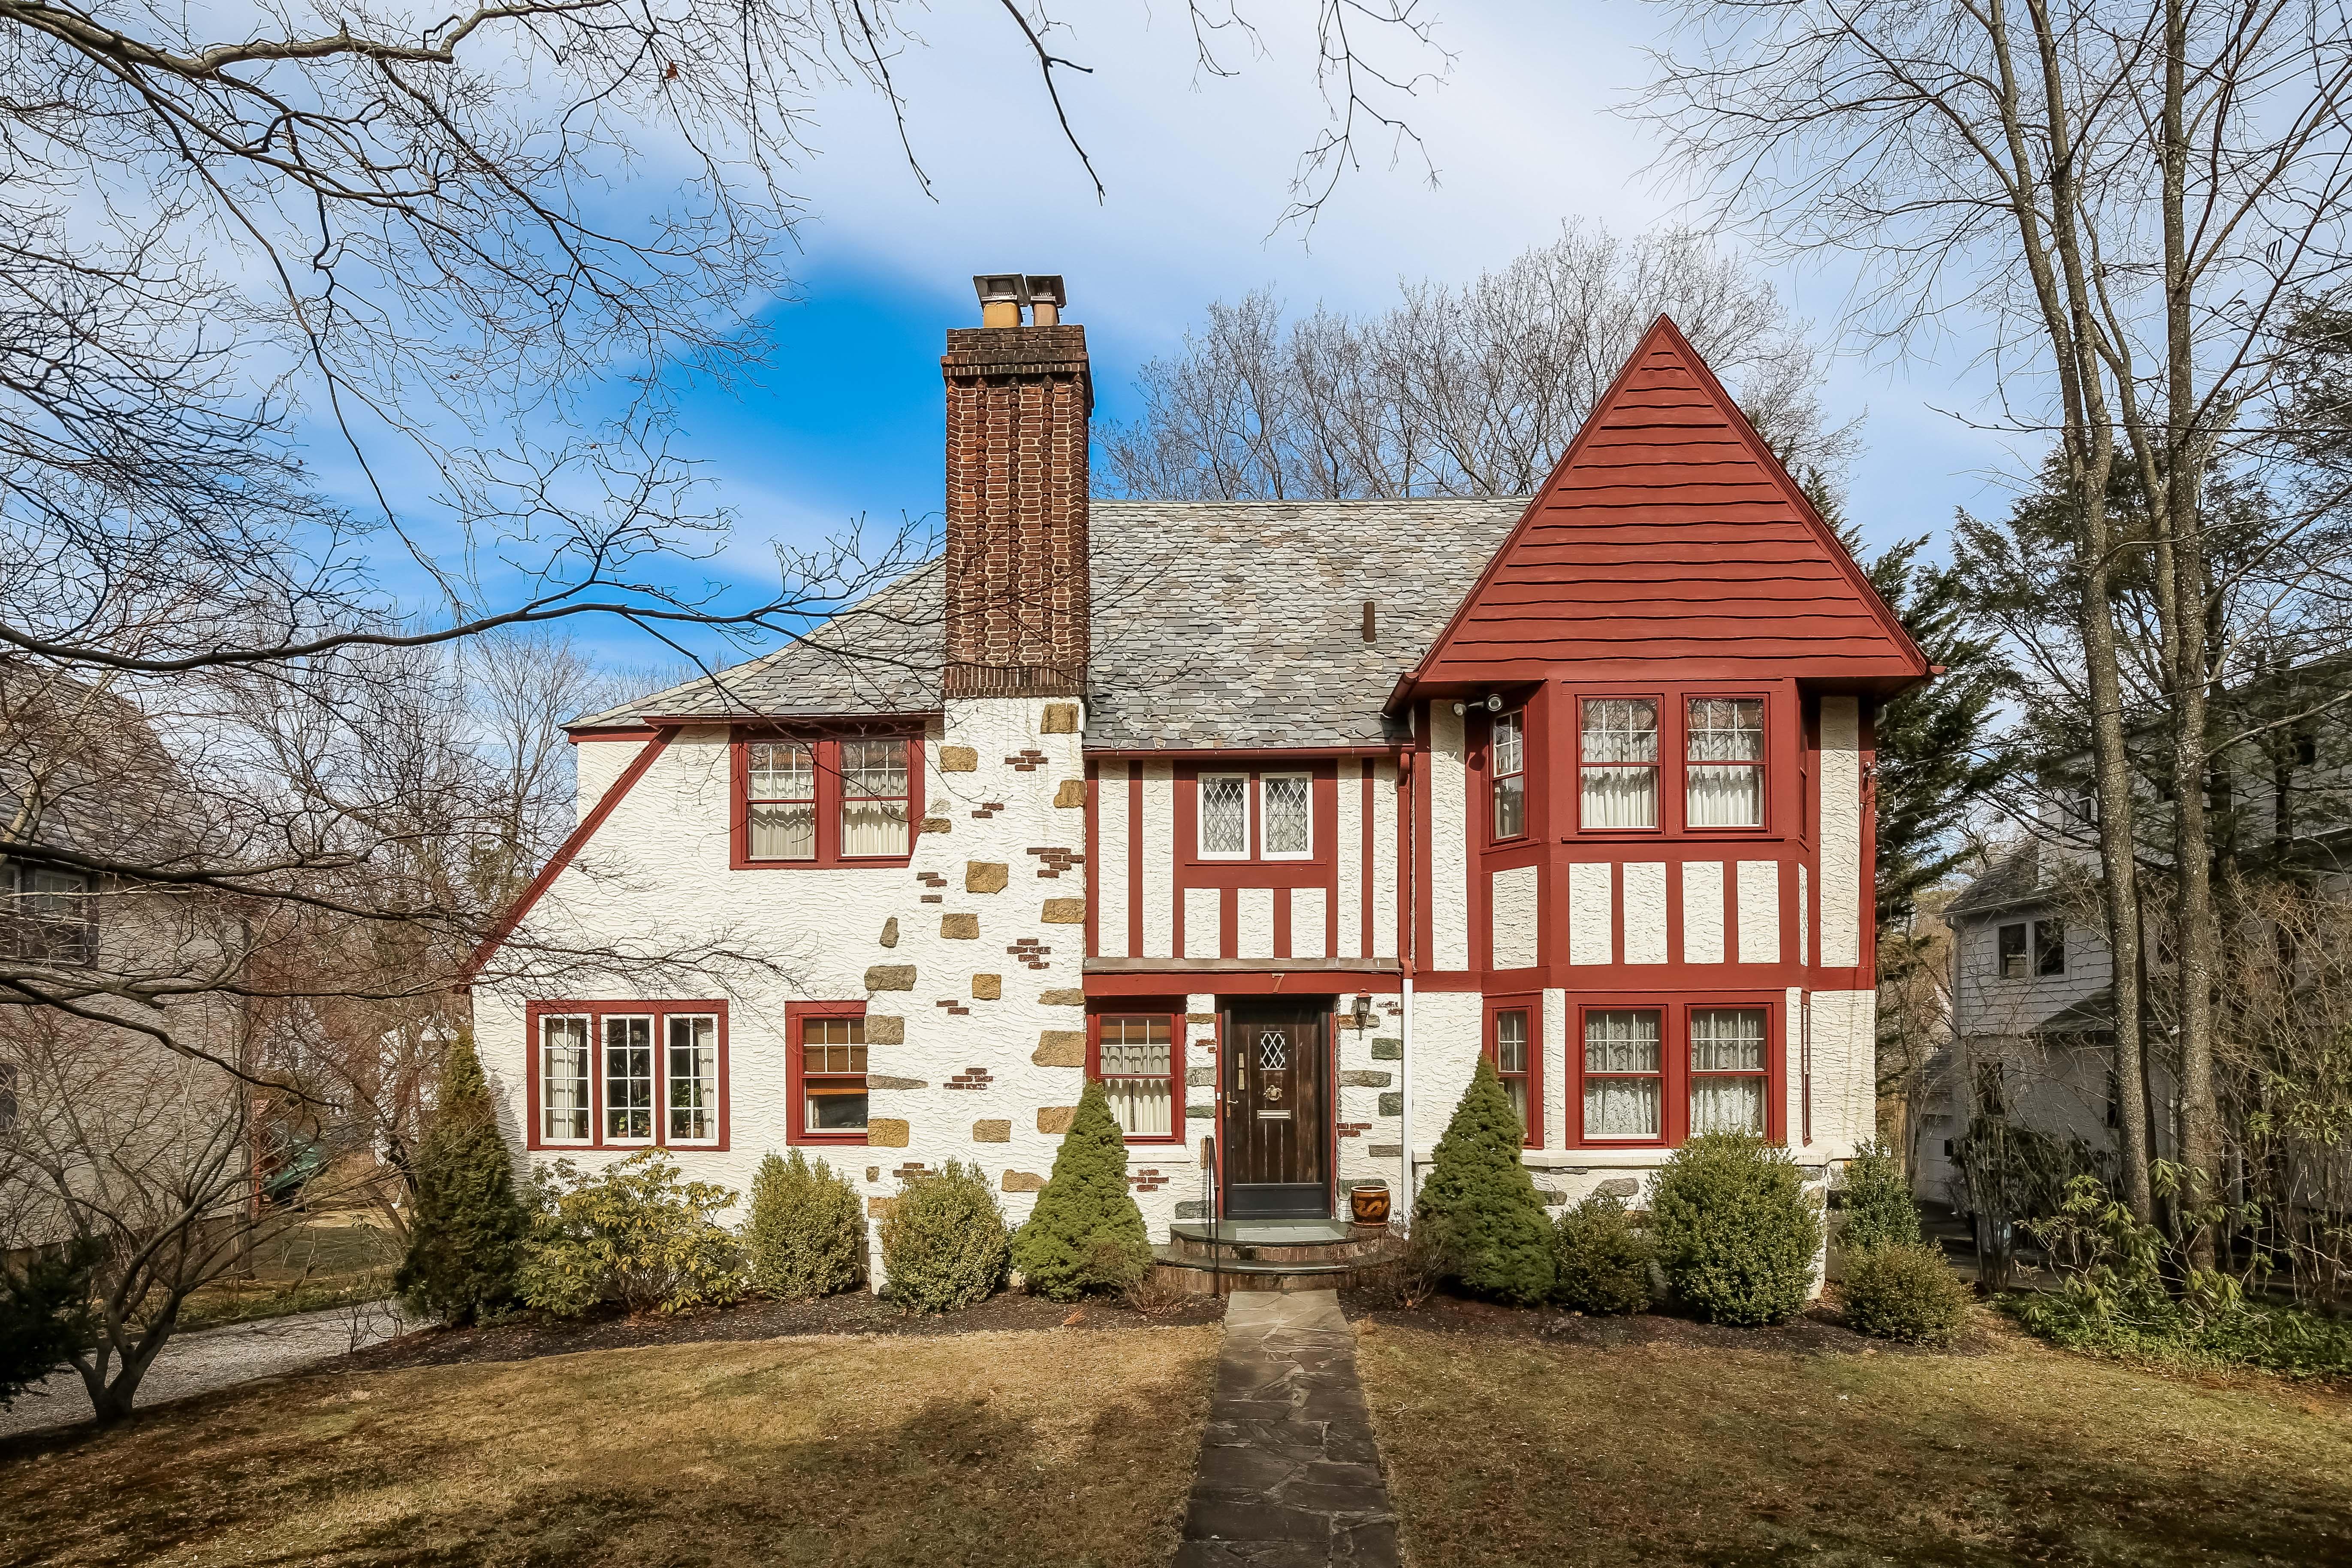 独户住宅 为 销售 在 Lovely Scarsdale Tudor 7 Mamaroneck Road 斯卡斯代尔, 纽约州, 10583 美国